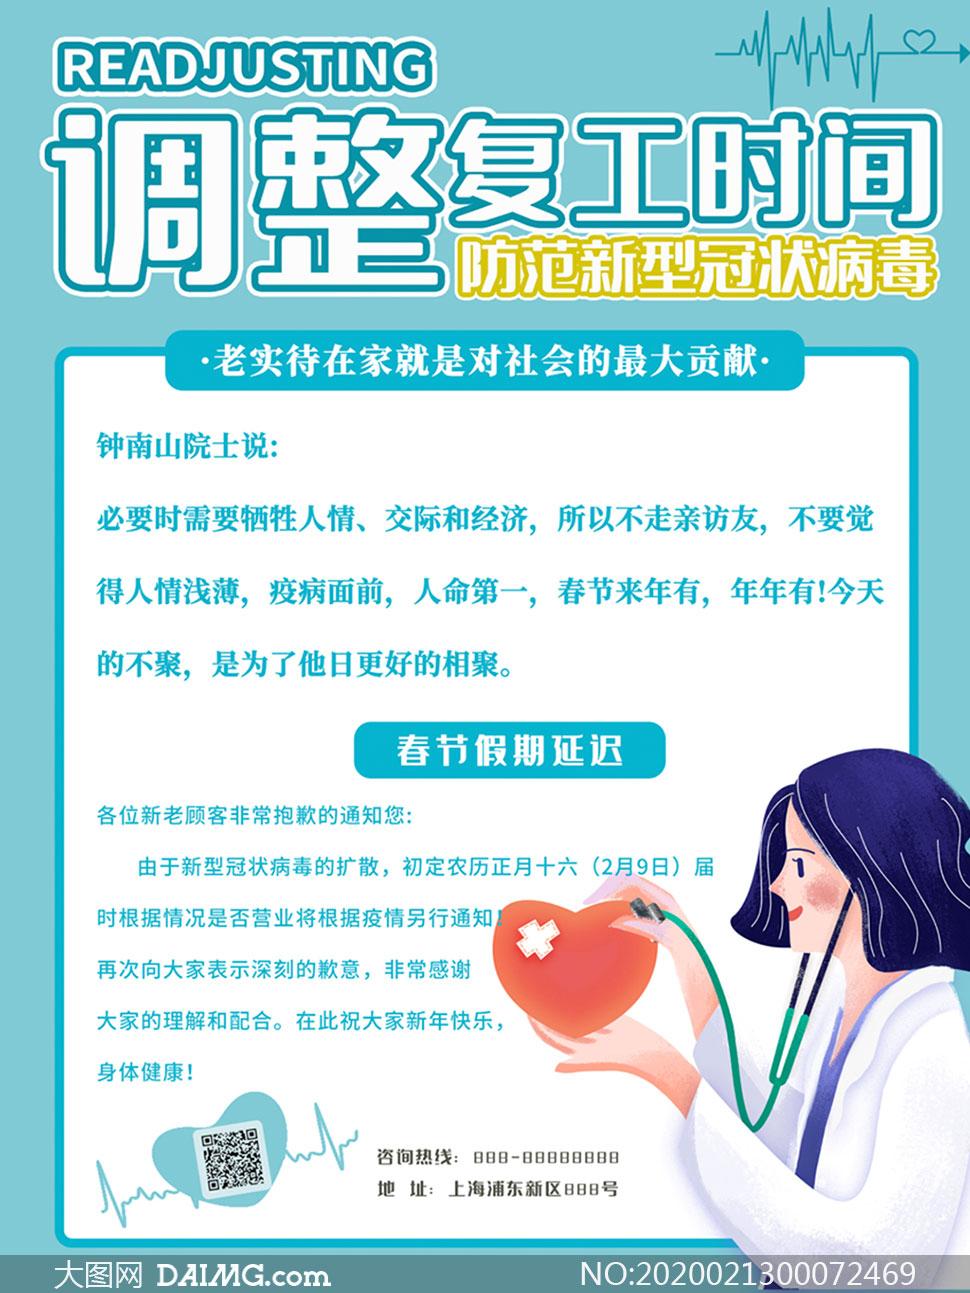 春节假期复工时间调整海报PSD素材